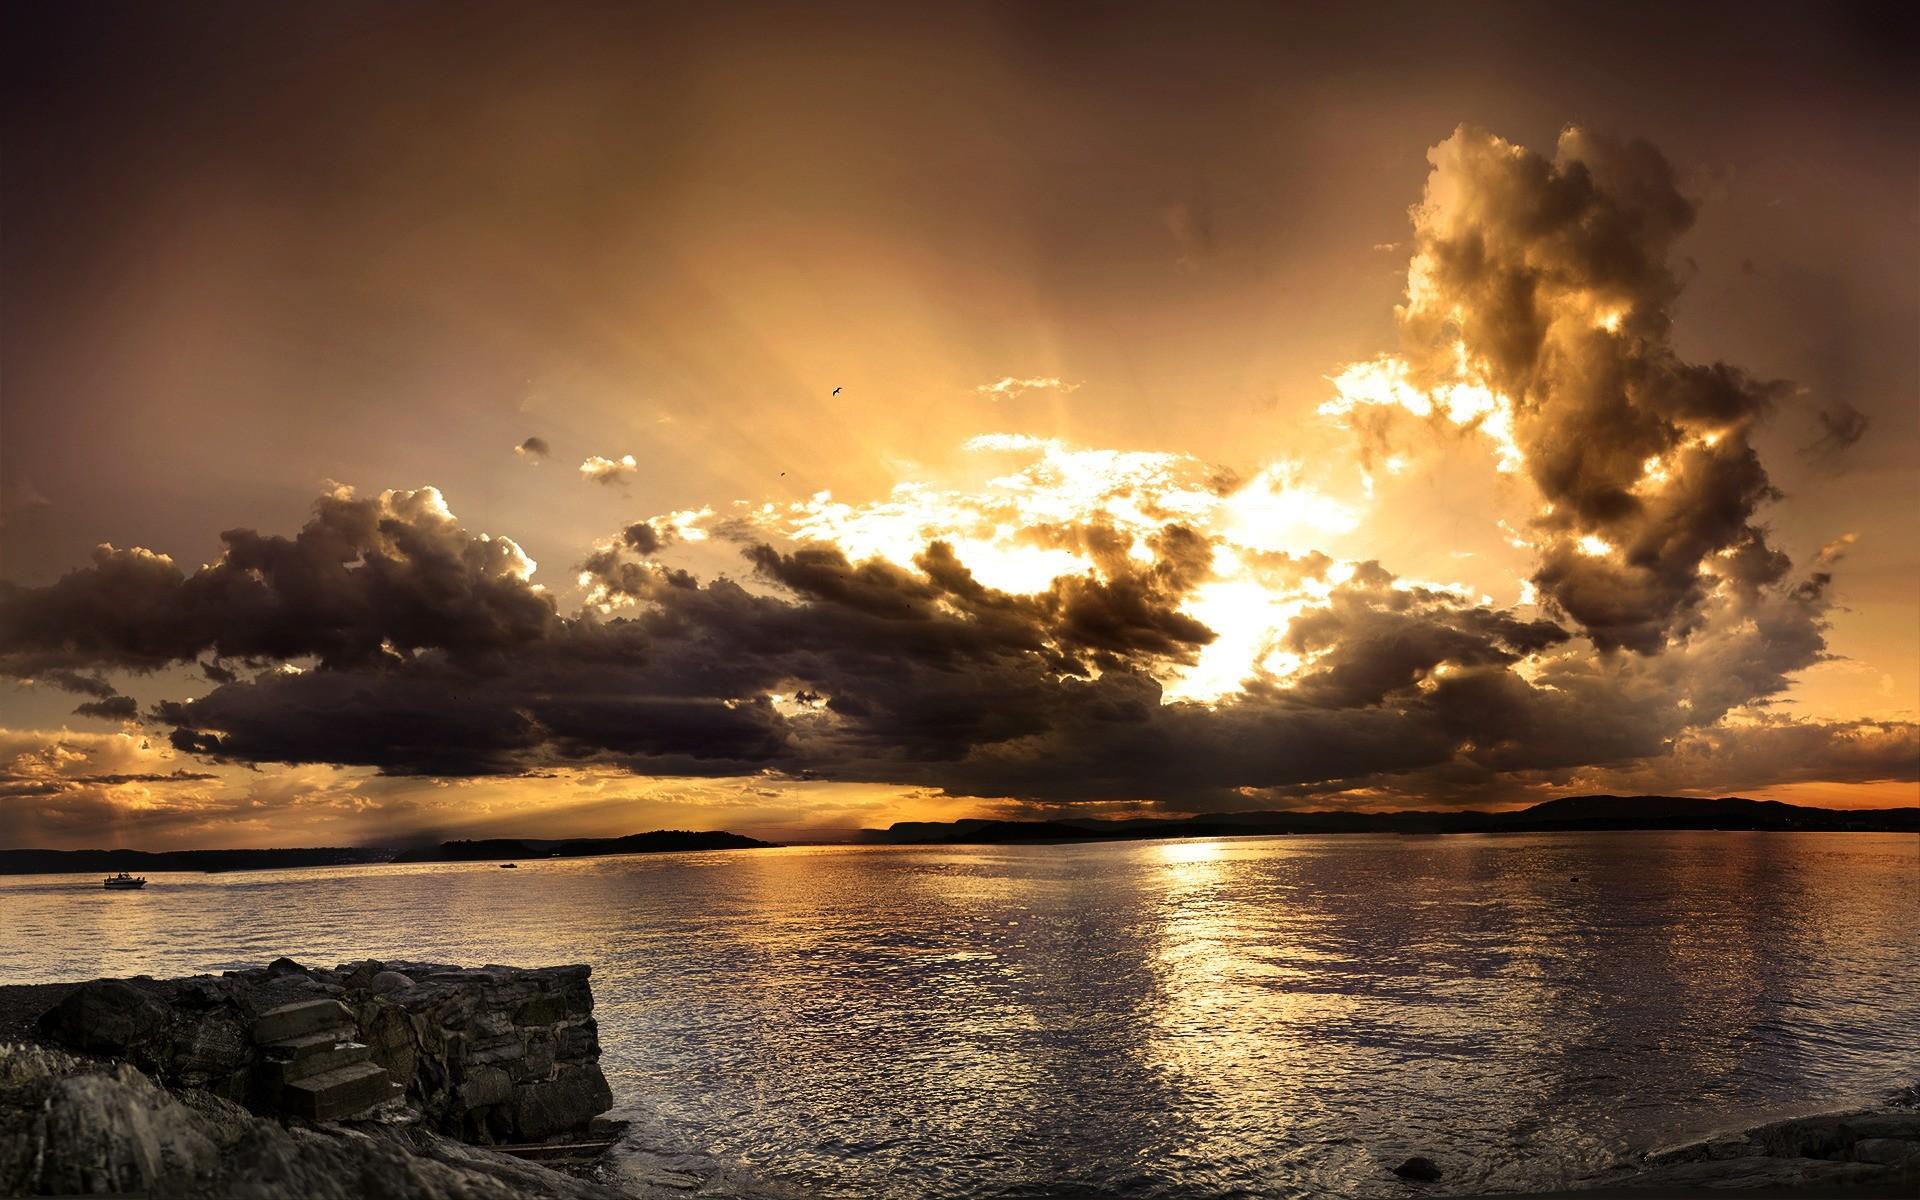 природа горизонт солнце озеро облака отражение  № 623474 загрузить